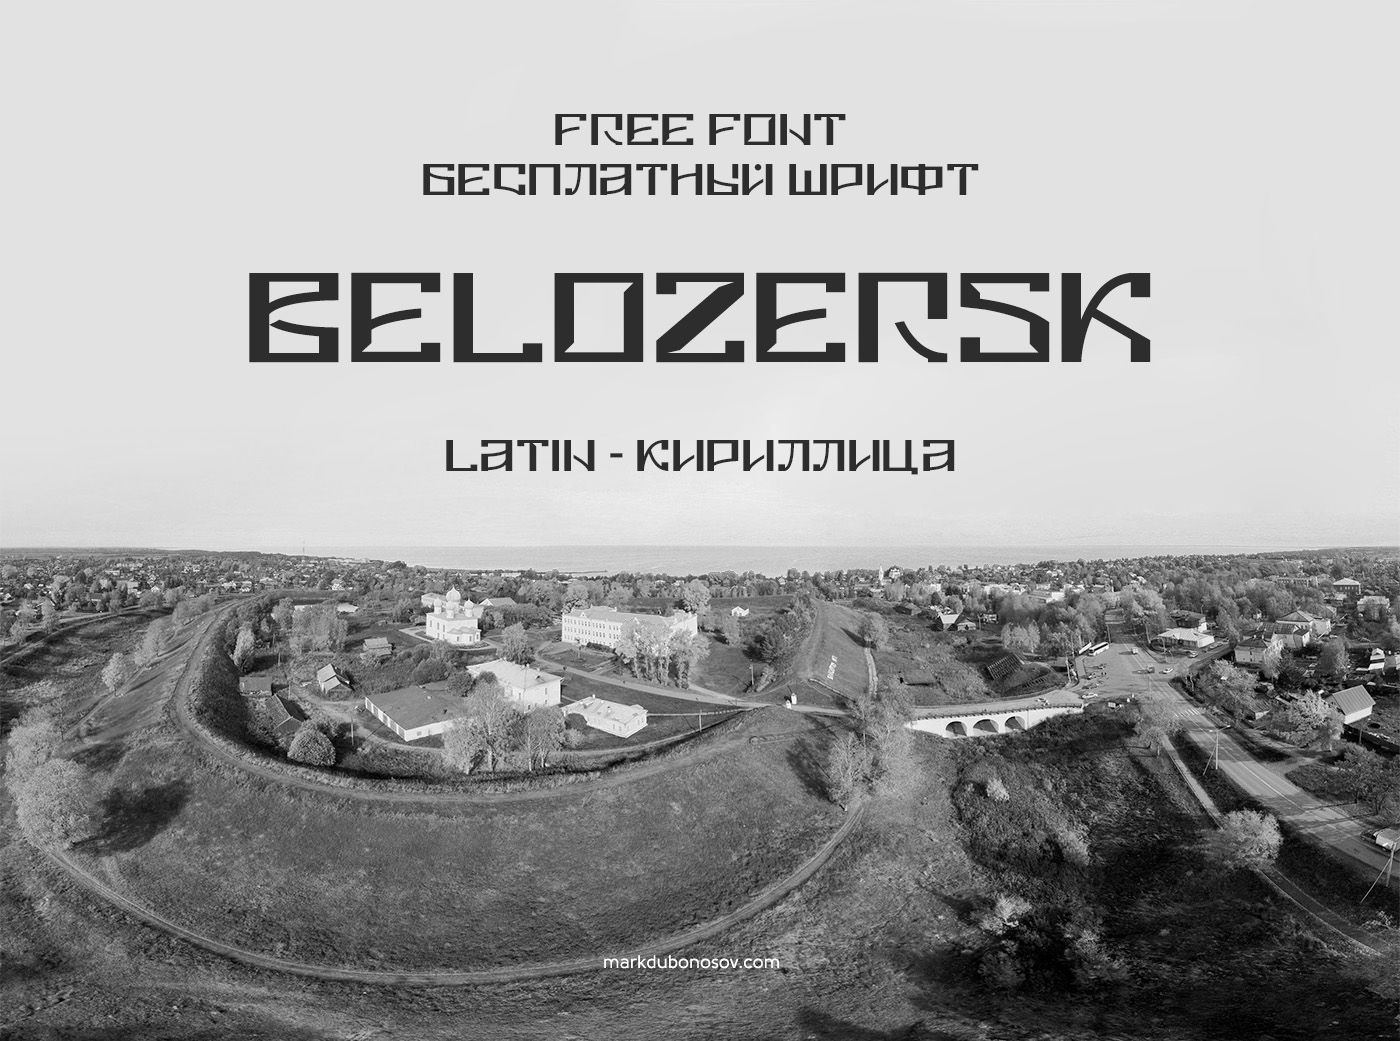 Шрифт Belozersk Cyrillic